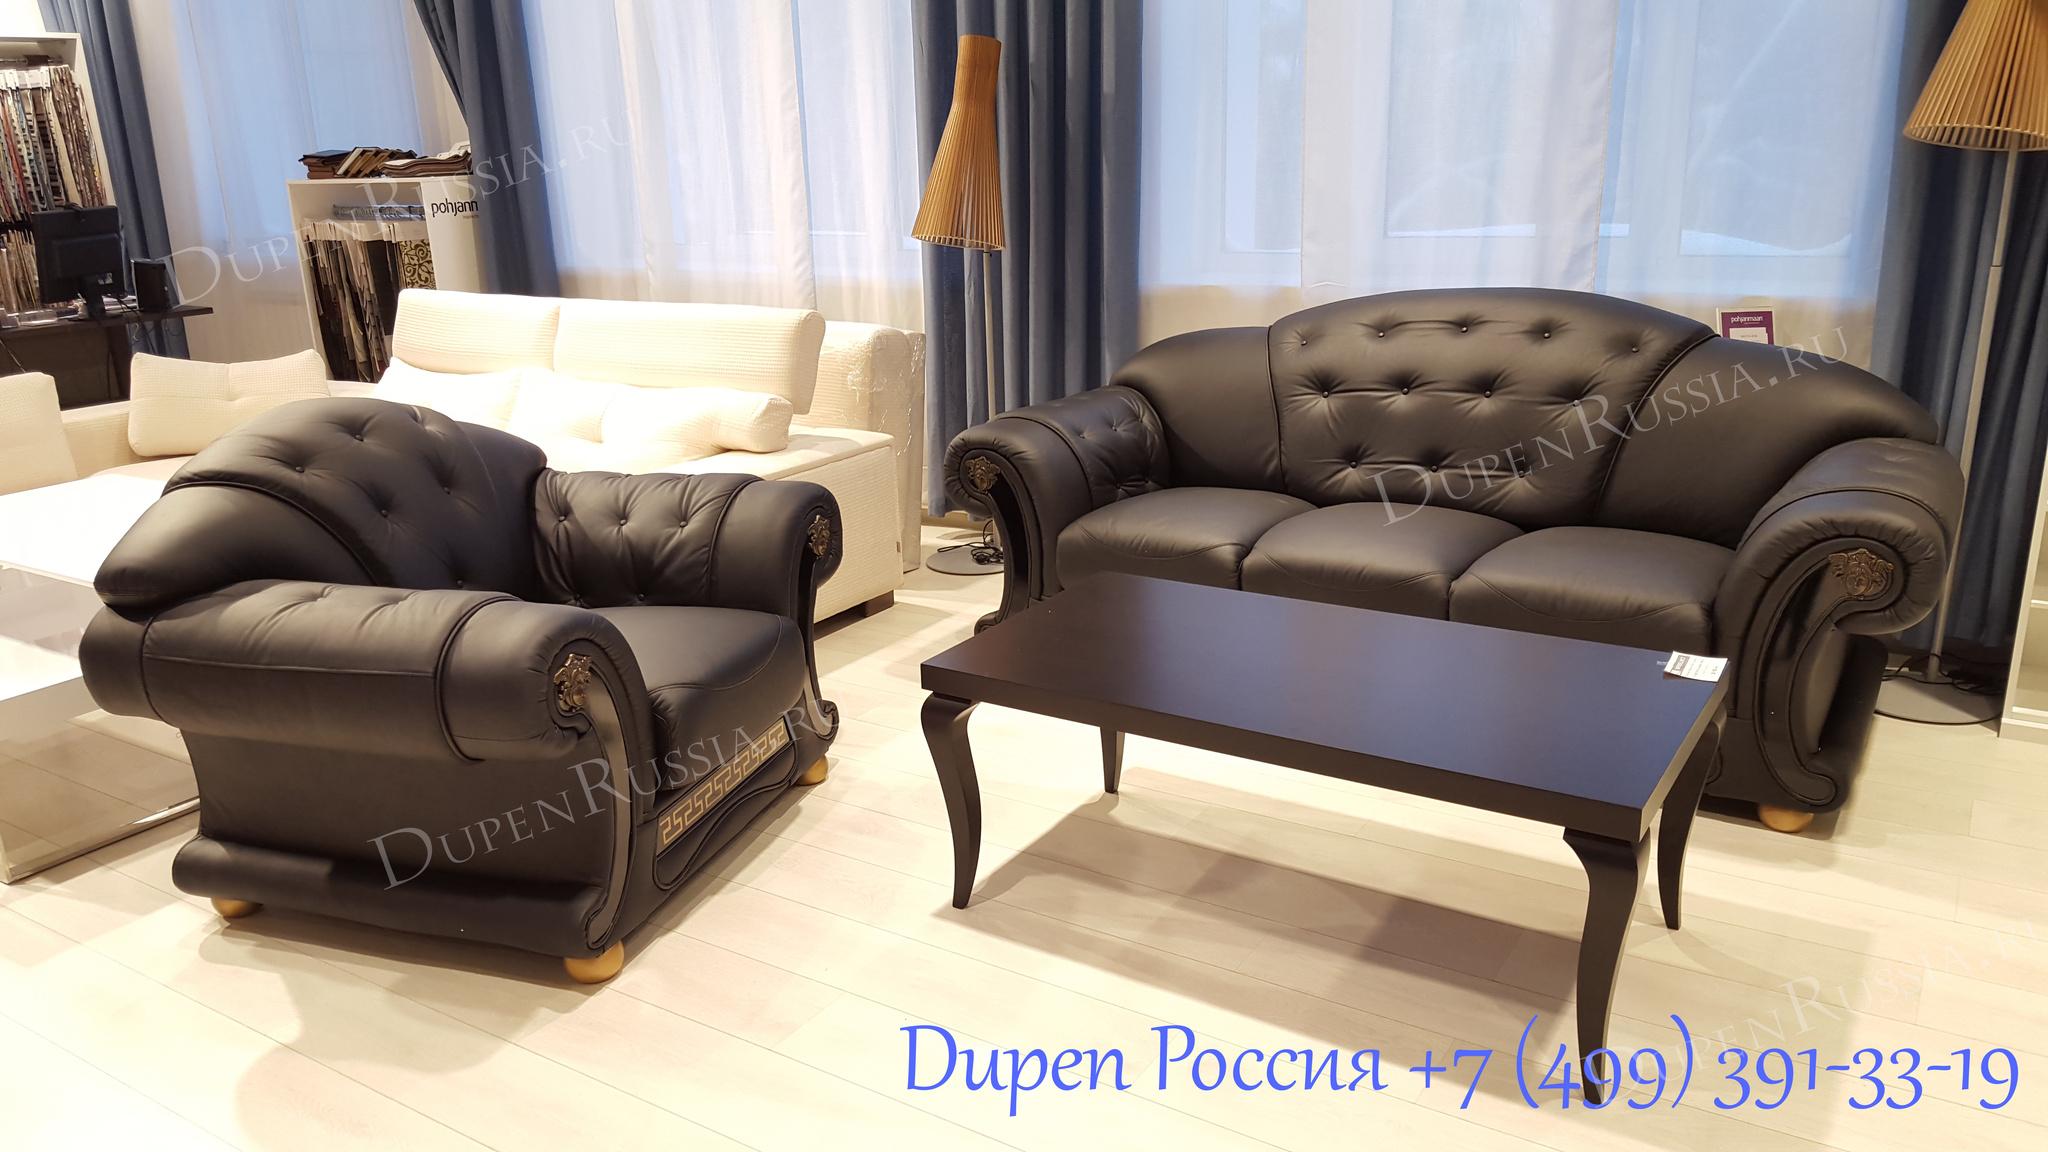 Комплект мягкой мебели  Versace